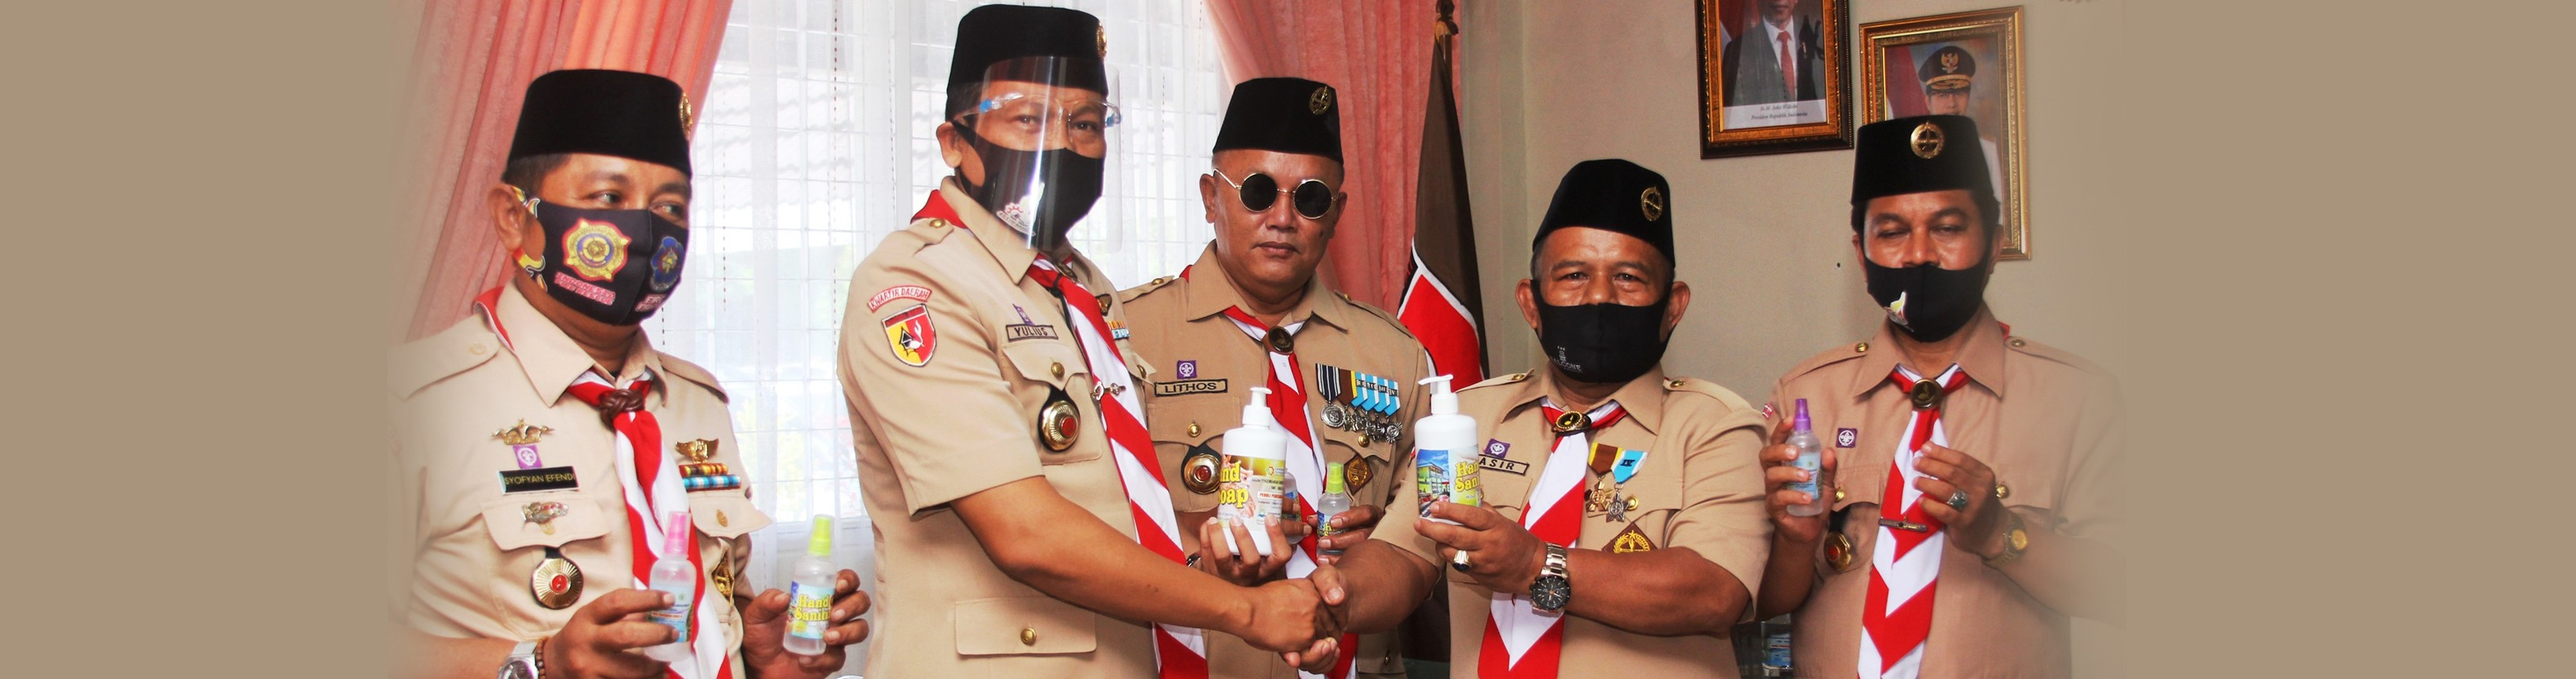 SMK SMAK Padang Berikan Handsanitizer Kepada Pramuka